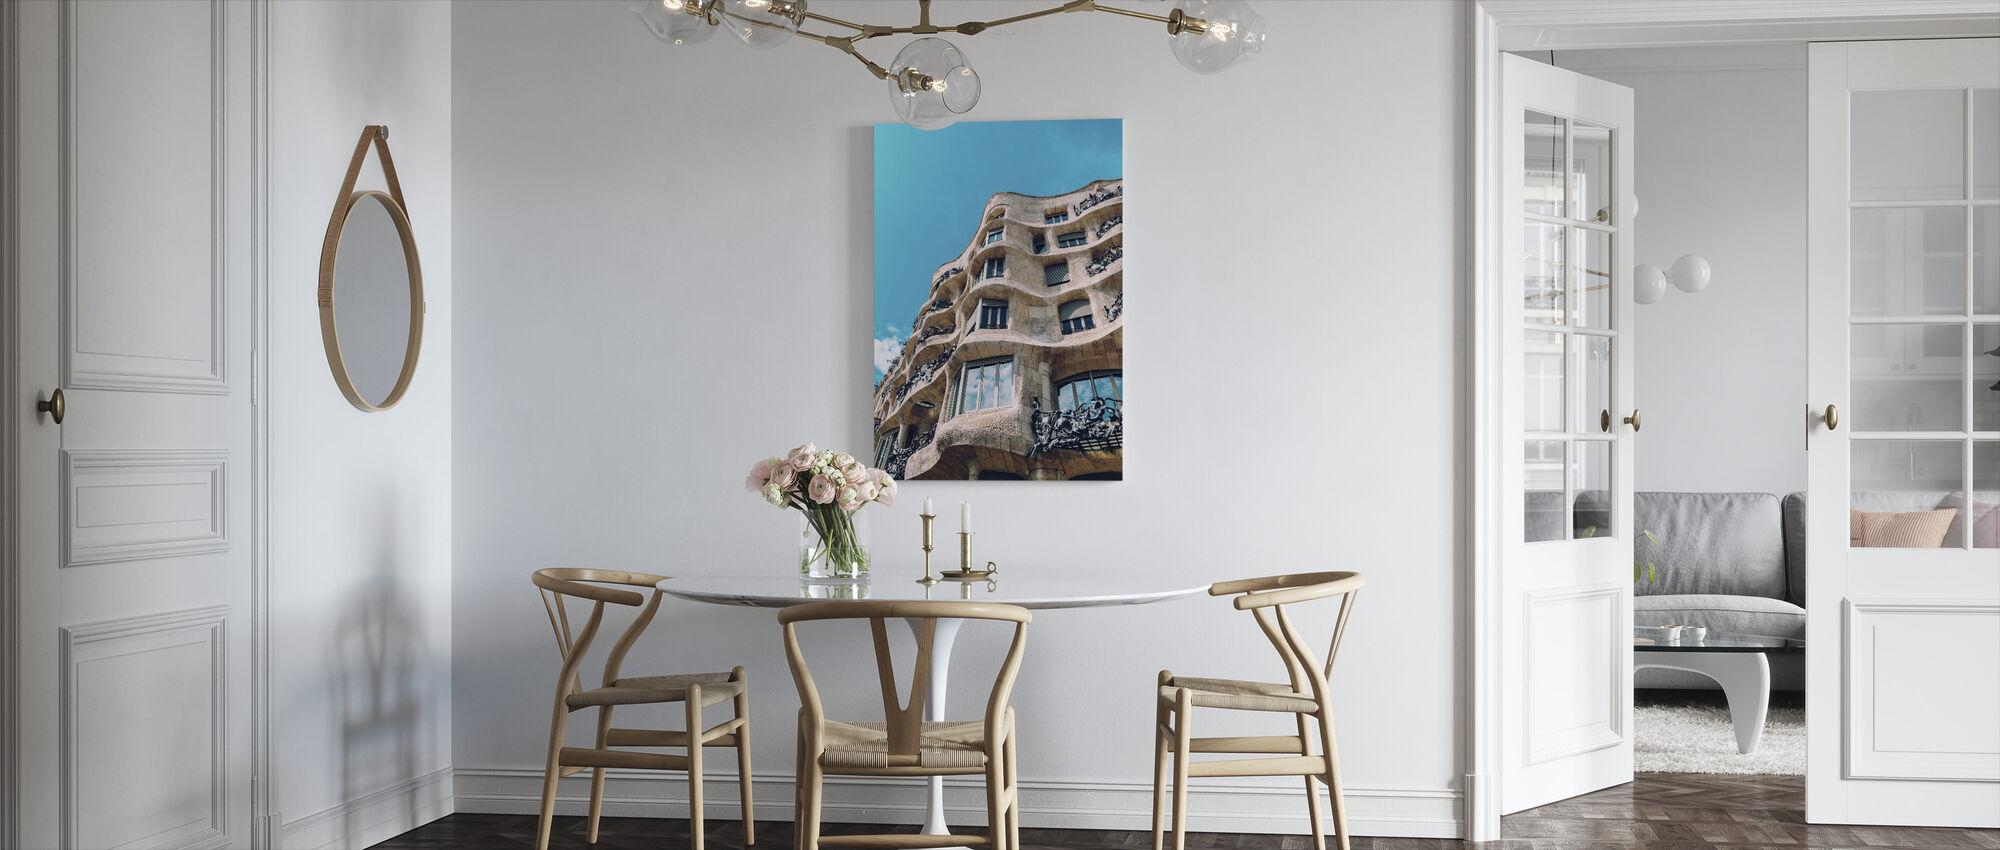 Casa Mila Byggnaden - Canvastavla - Kök